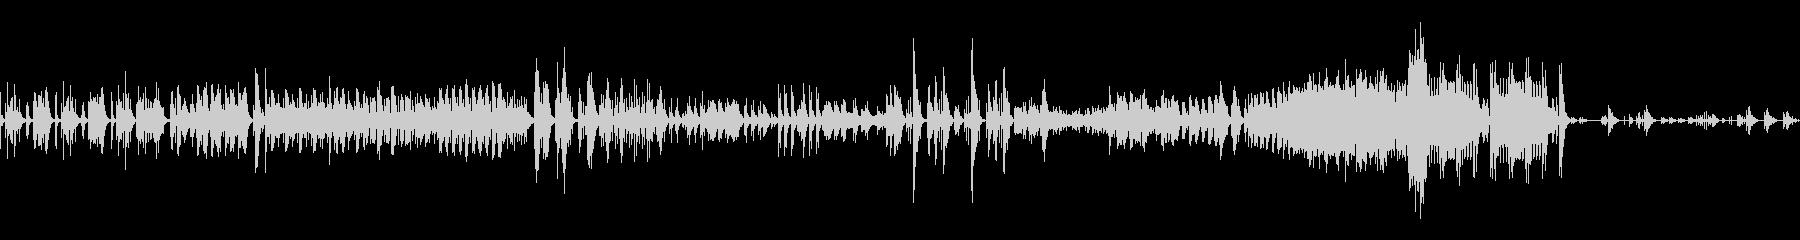 ドラム@ヤナーチェク シンフォニエッタ3の未再生の波形